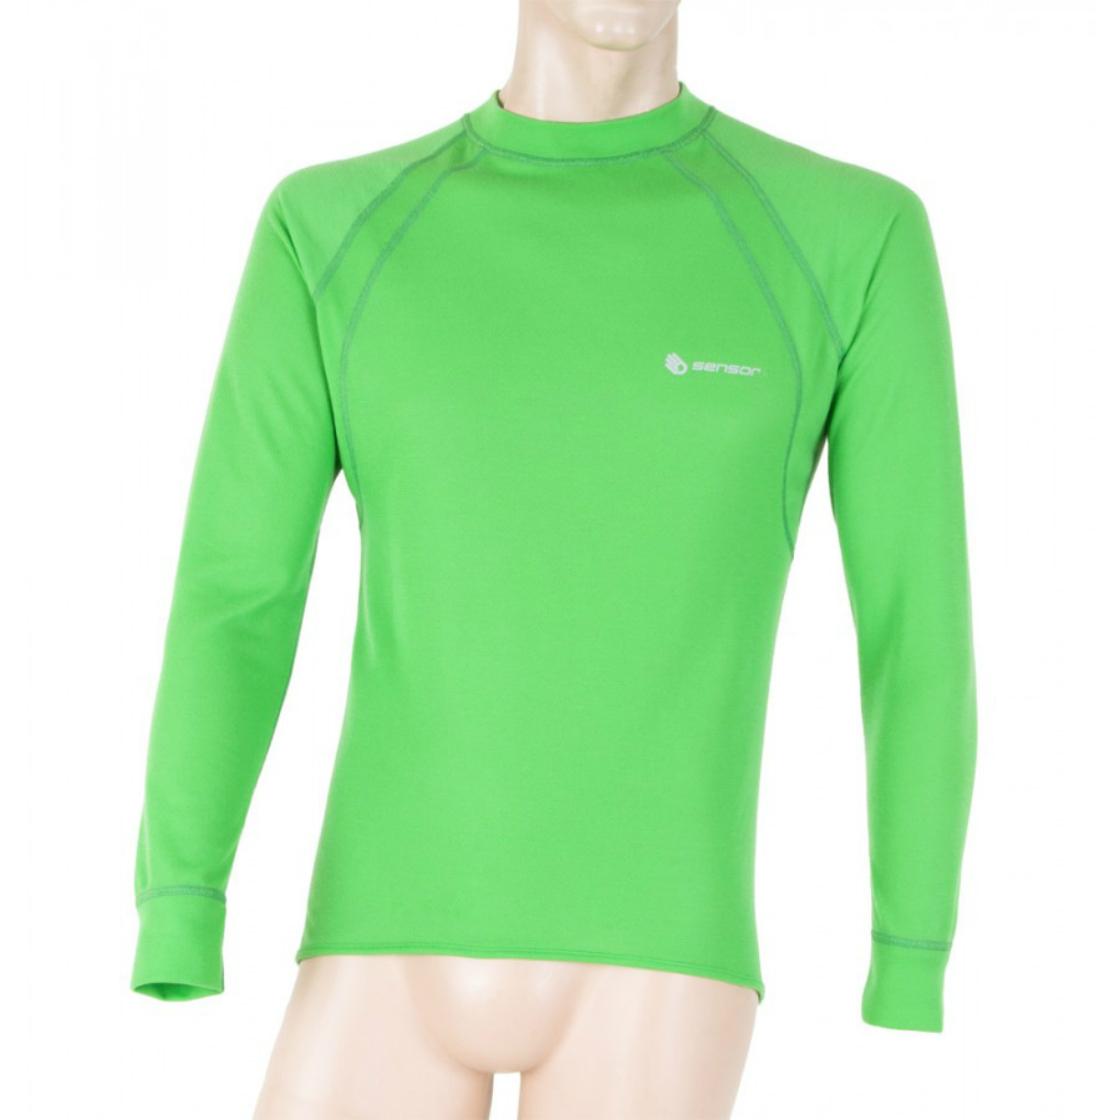 1fdcf788365a pánske Sensor Double Face termo T-shirt green - Sensor double face termo  tričko zelené dlhý rukáv